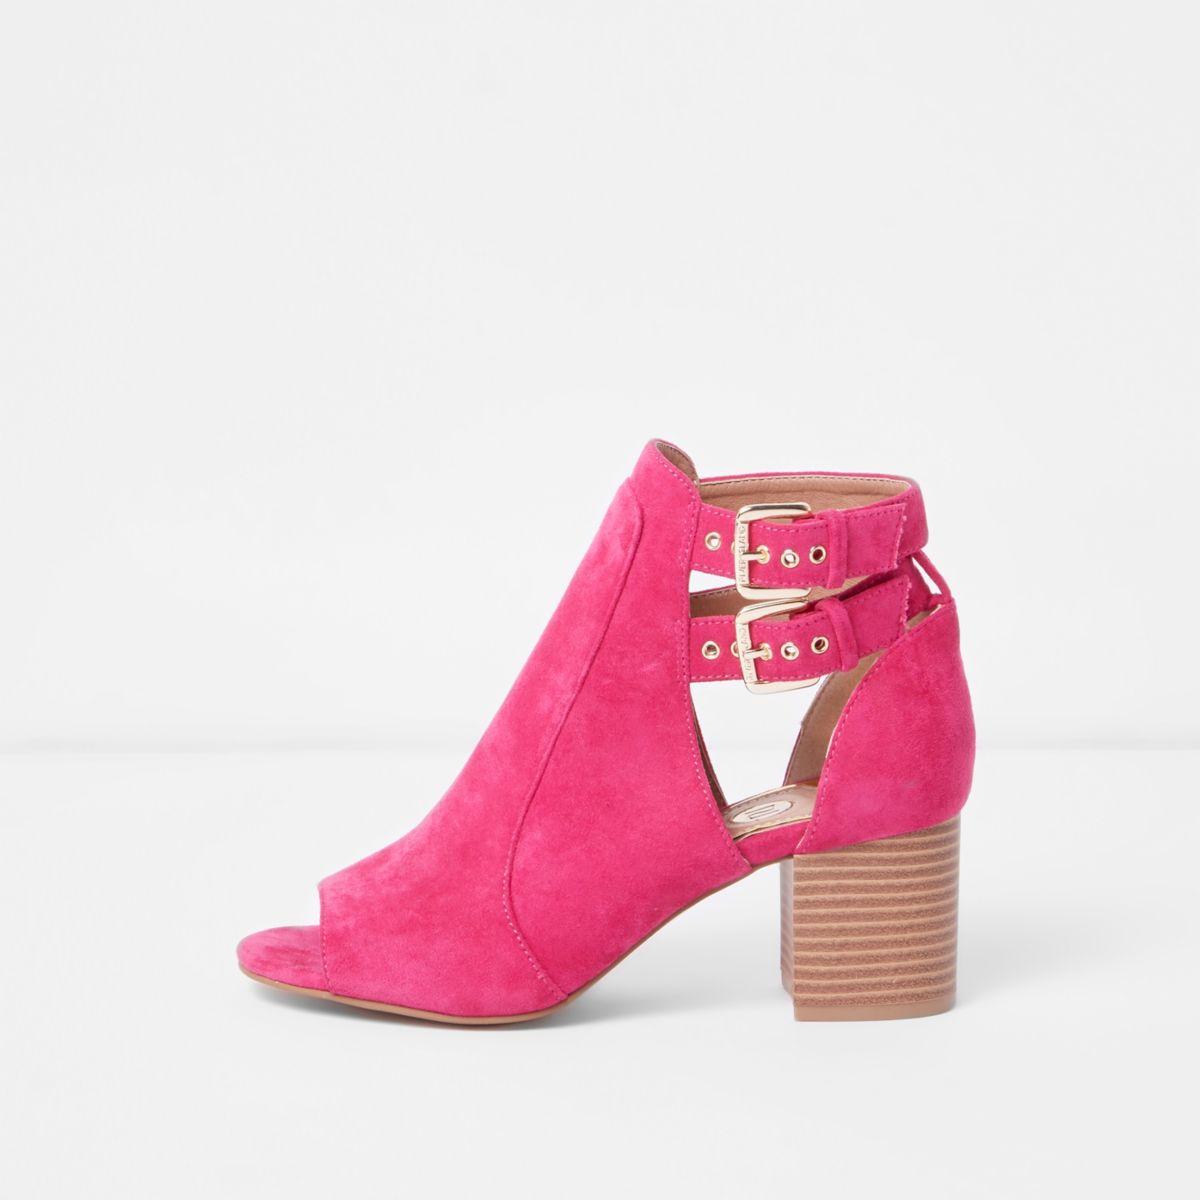 Pink buckle block heel shoe boots